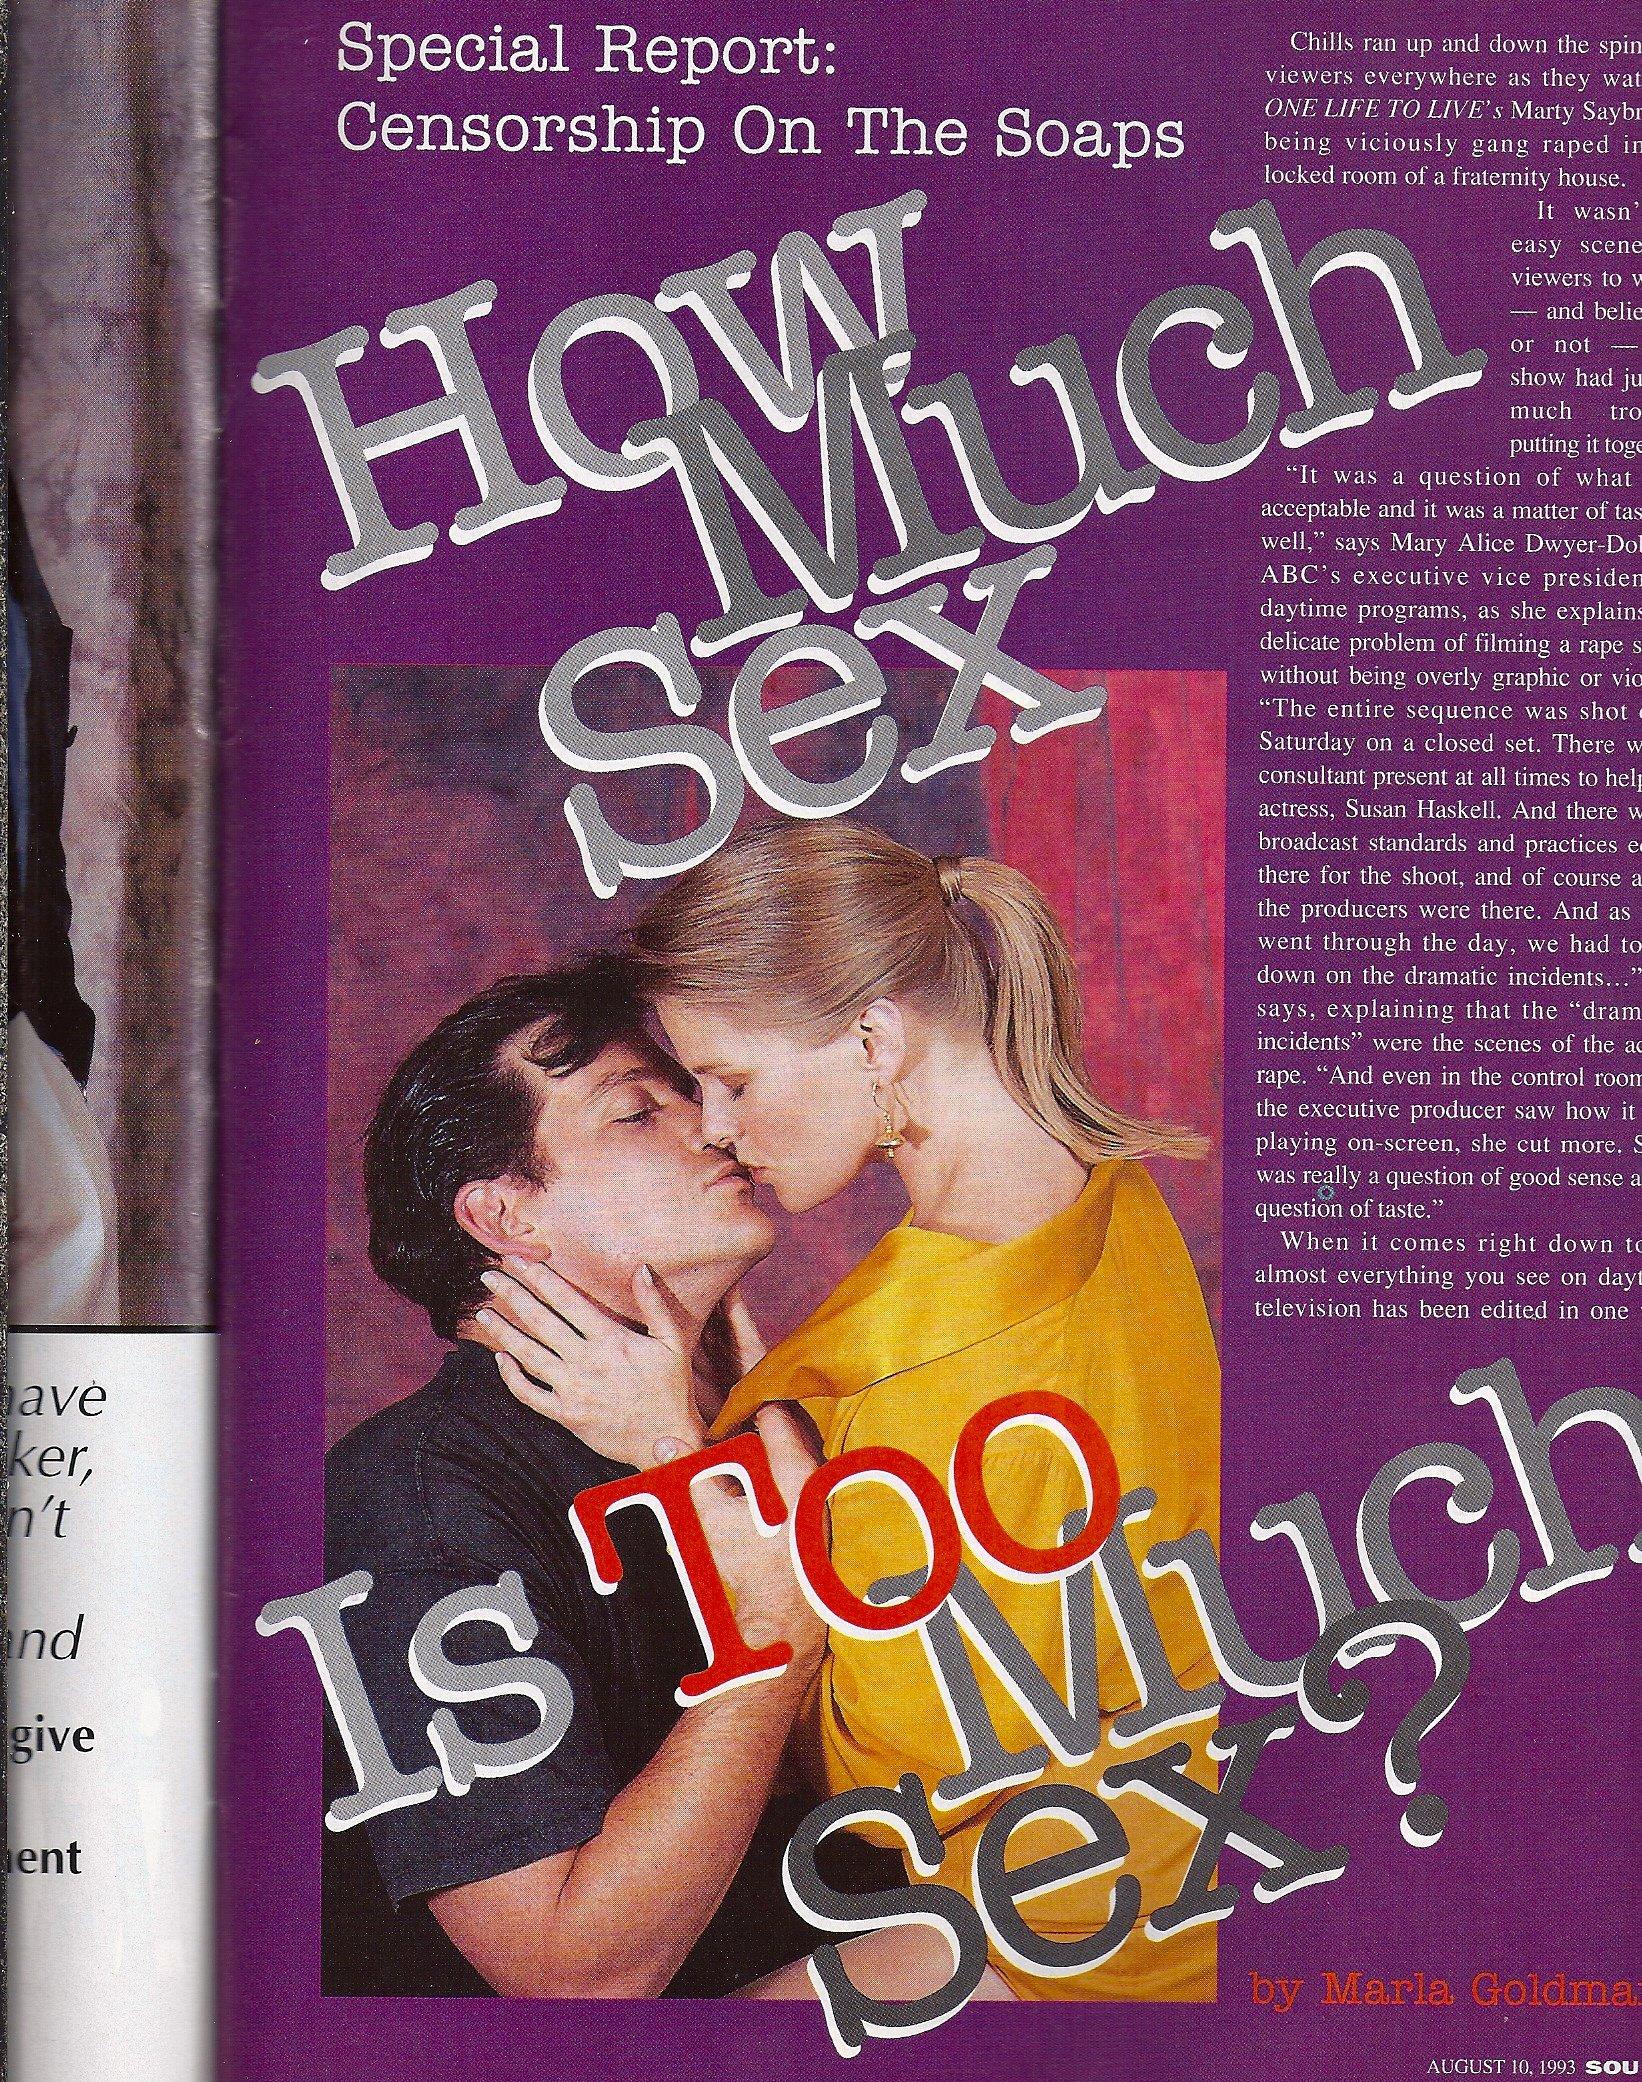 Hilah Johnson Erotic image Will Merrick (born 1993),Ami Kawai